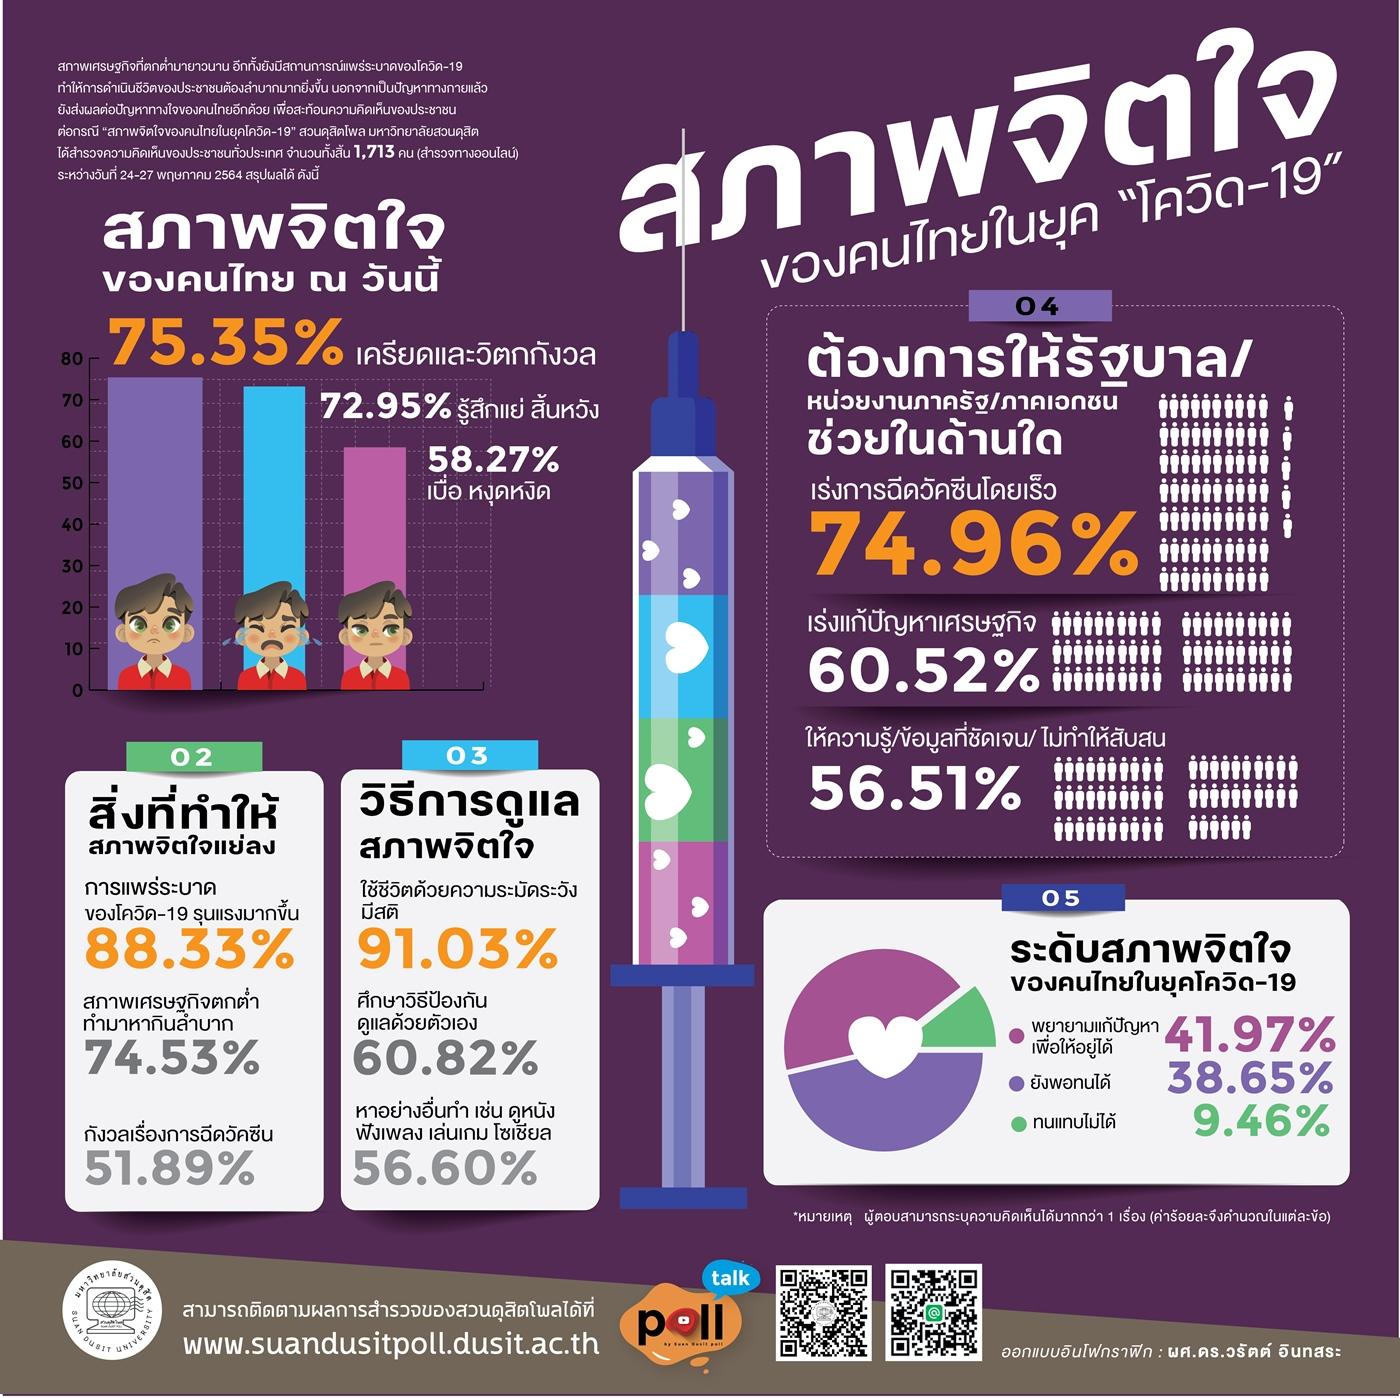 โพลชี้คนไทย 72.95% รู้สึกแย่ สิ้นหวัง ต่อสถานการณ์ COVID-19